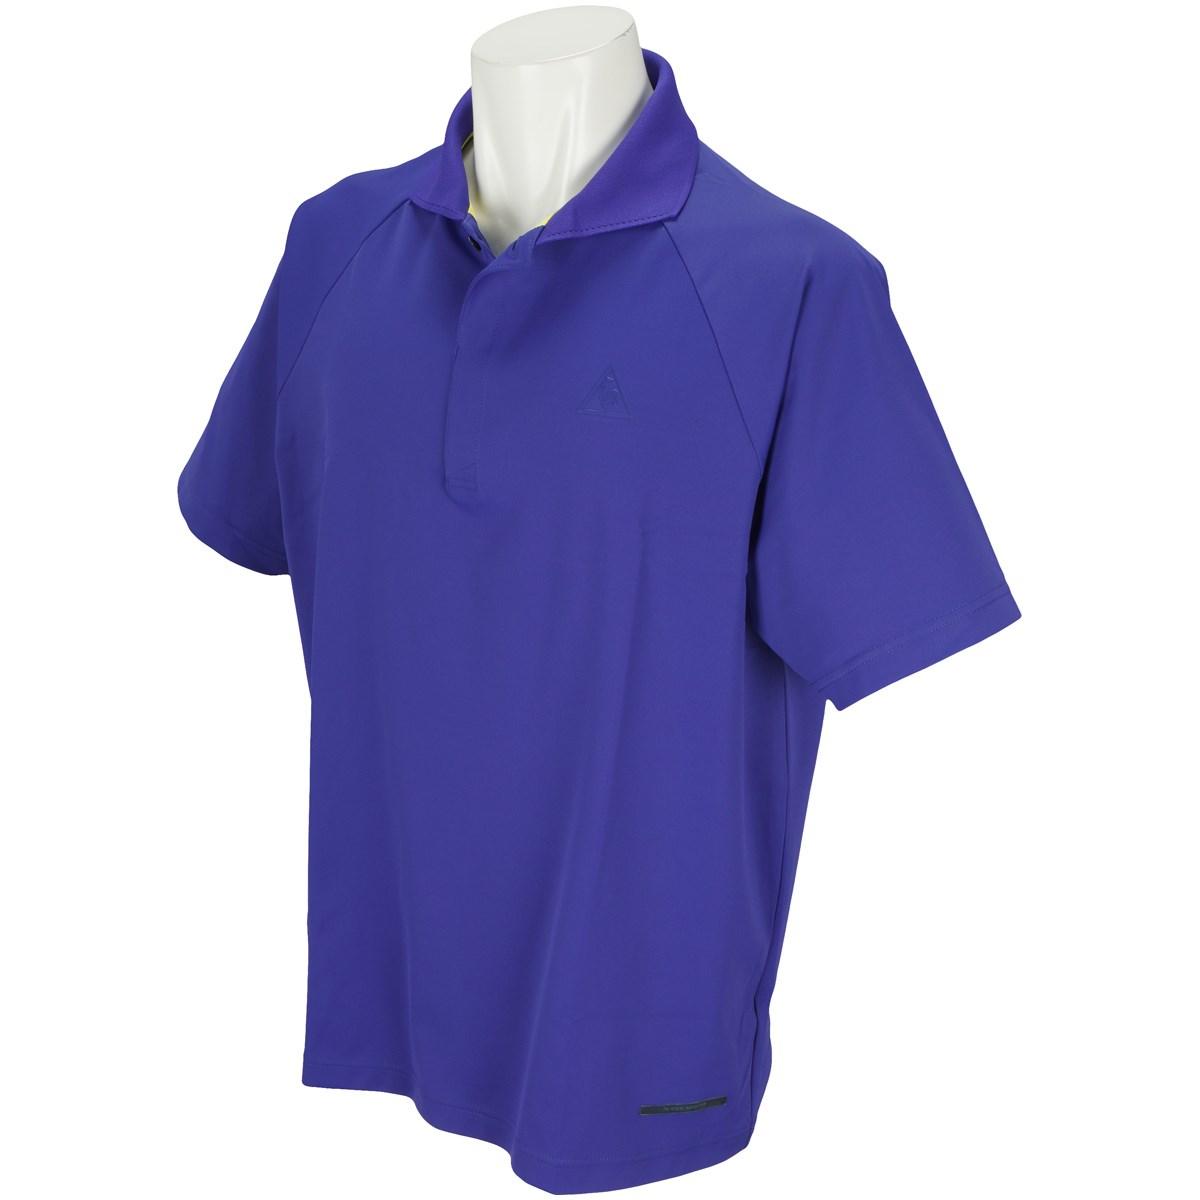 ルコックゴルフ Le coq sportif GOLF ストレッチ 半袖ポロシャツ M ブルー 00